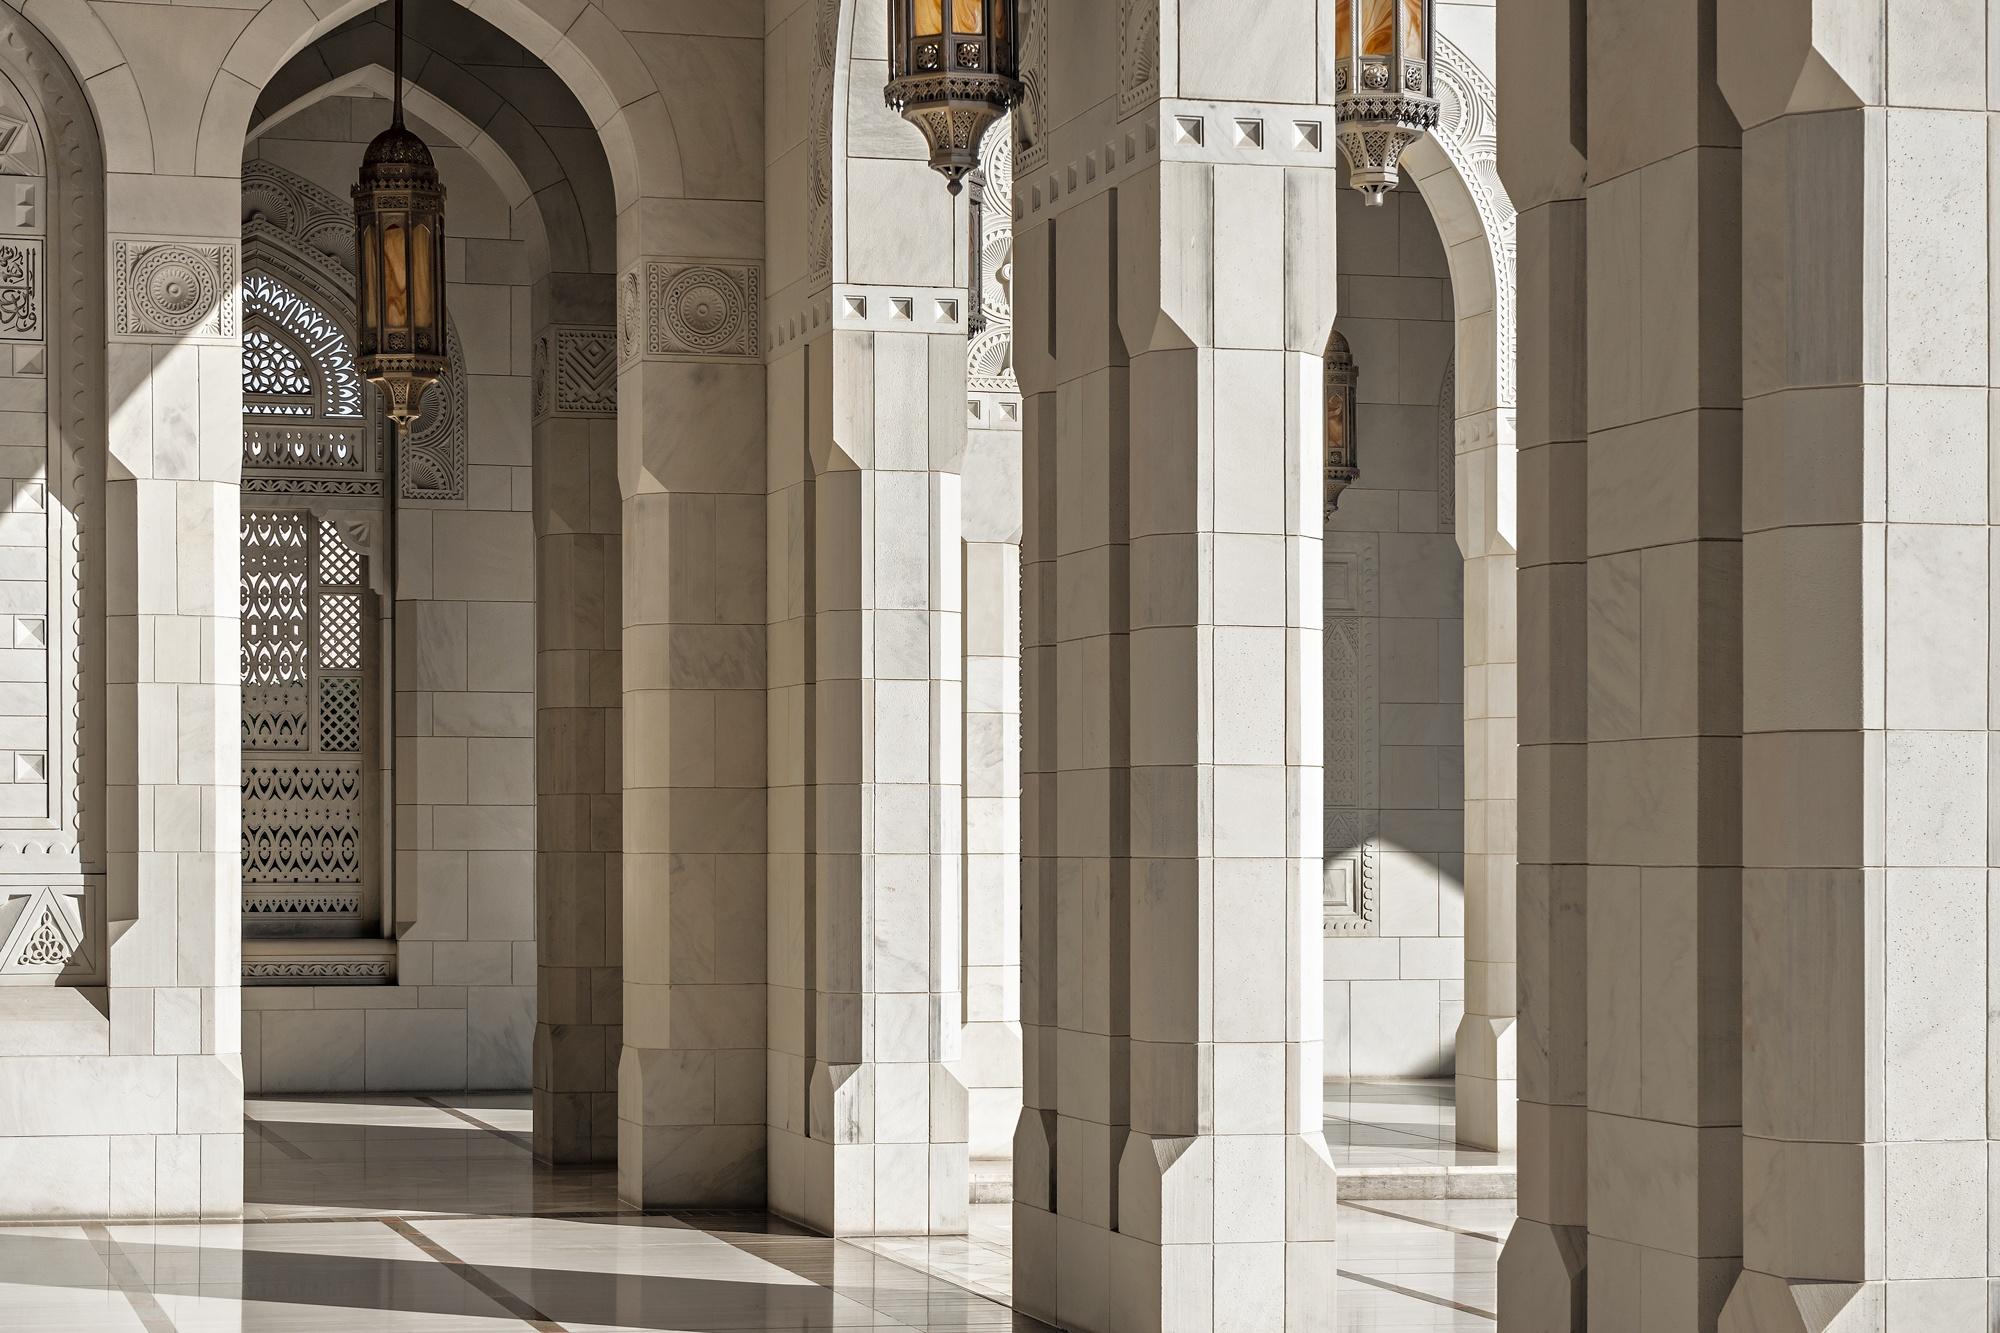 Mezquita del Sultán Qaboos, Mascate | Dani Vottero, fotógrafo de arquitectura - ARQUITECTURA - Fotografía de Arquitectura | Dani Vottero